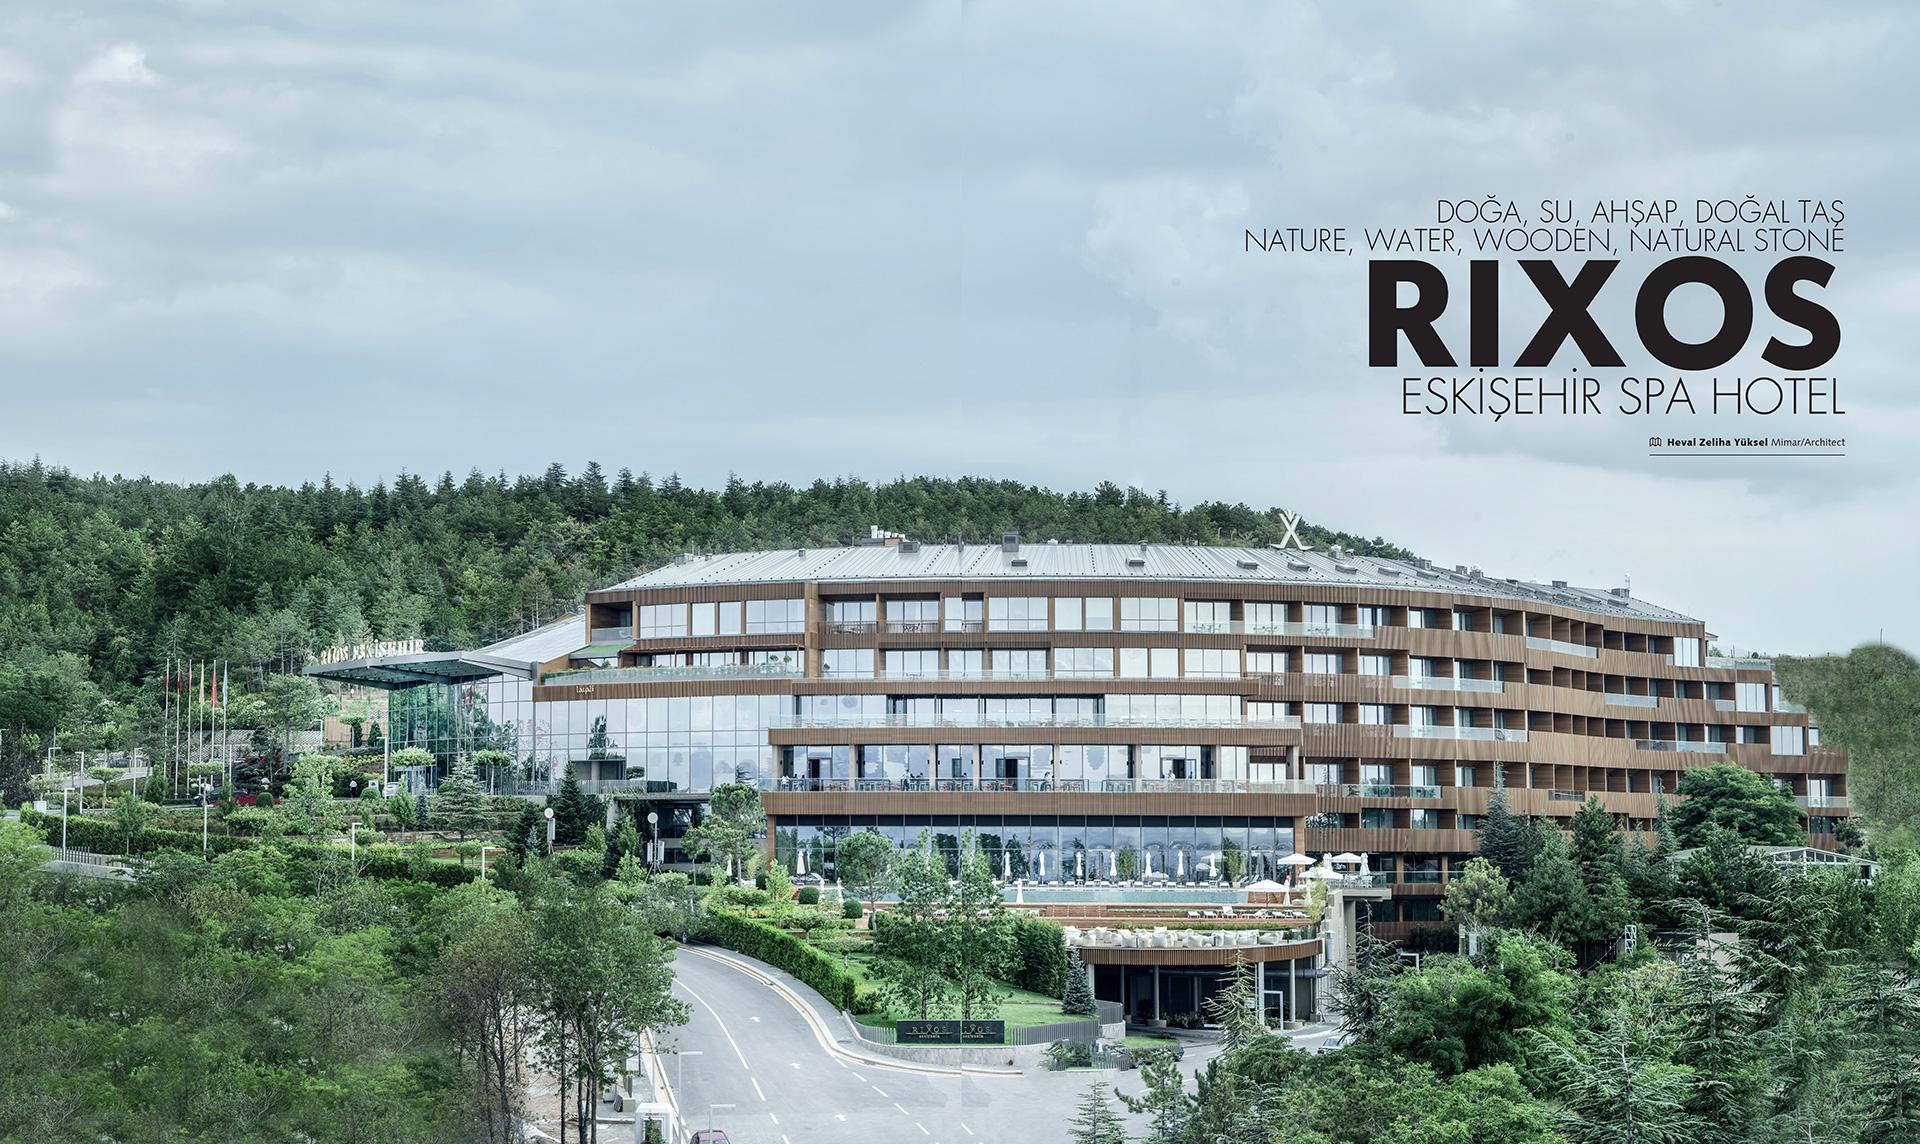 DOĞA, SU, AHŞAP, DOĞAL TAŞ.  RIXOS ESKİŞEHİR SPA HOTEL